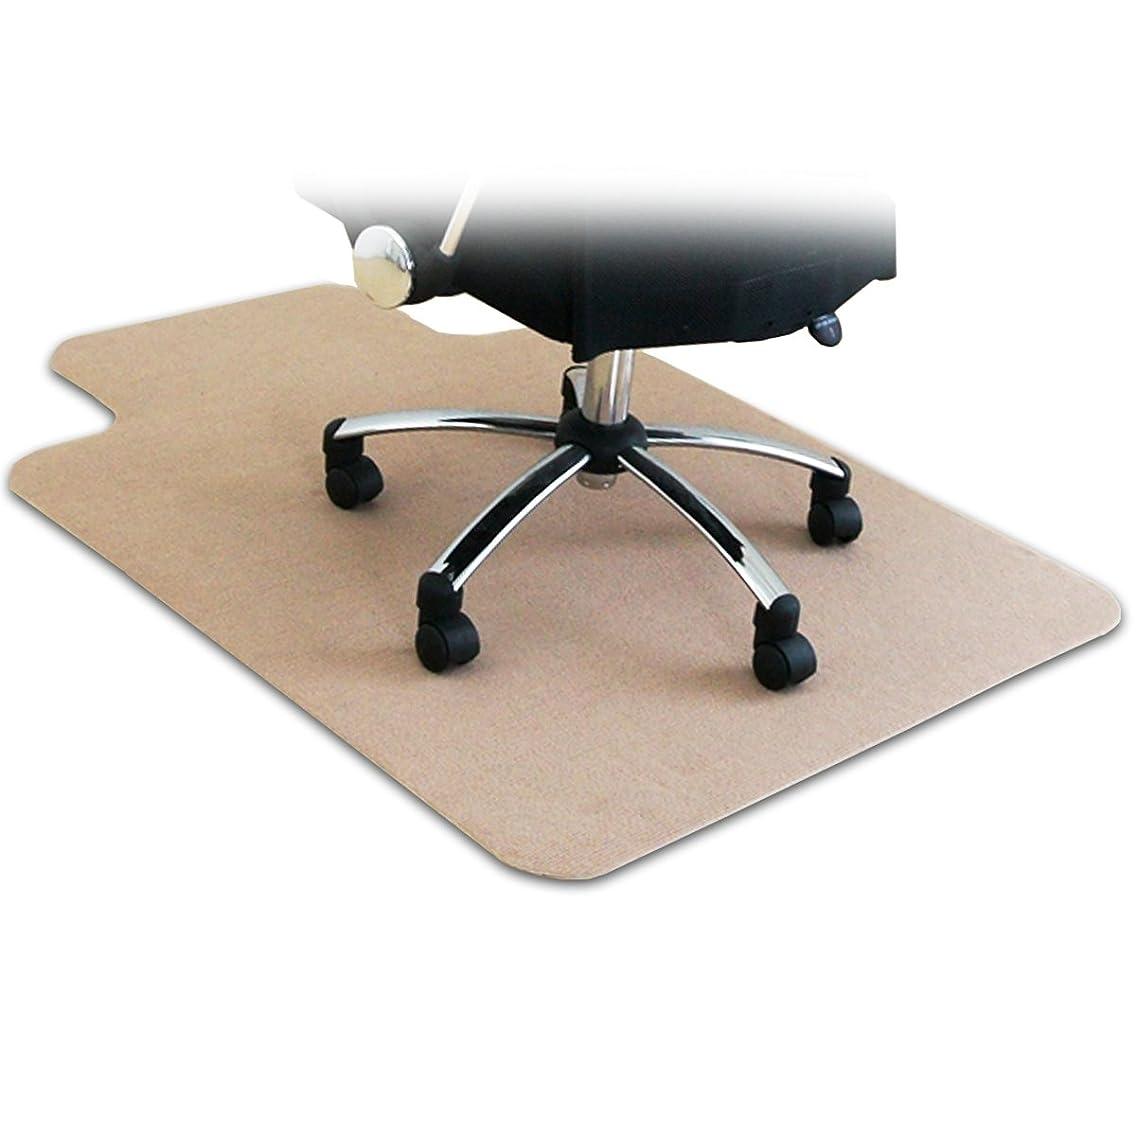 寄託メトリックまともなottostyle.jp 床を保護するチェアマット カーペットタイプ ベージュ 120cm×90cm 厚さ3mm フローリングや畳のキズ防止に 学習 机 椅子 勉強 メモ 下敷 デスクワーク 撥水 カット可能